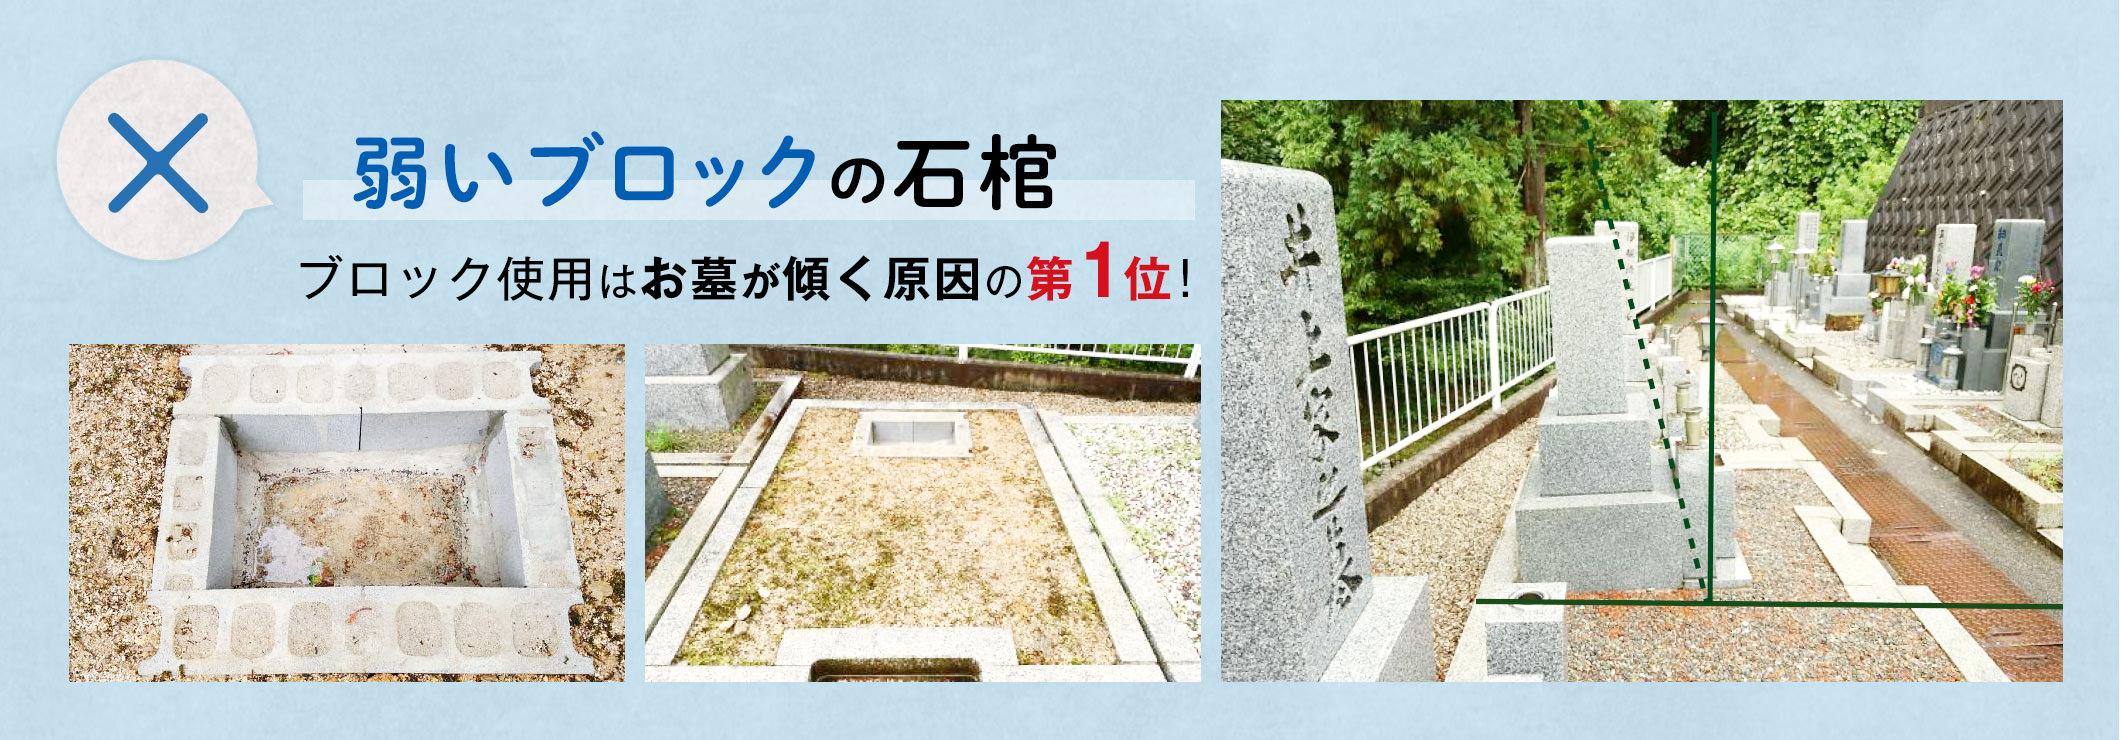 弱いブロックの石棺 ブロック使用はお墓が傾く原因の第1位!